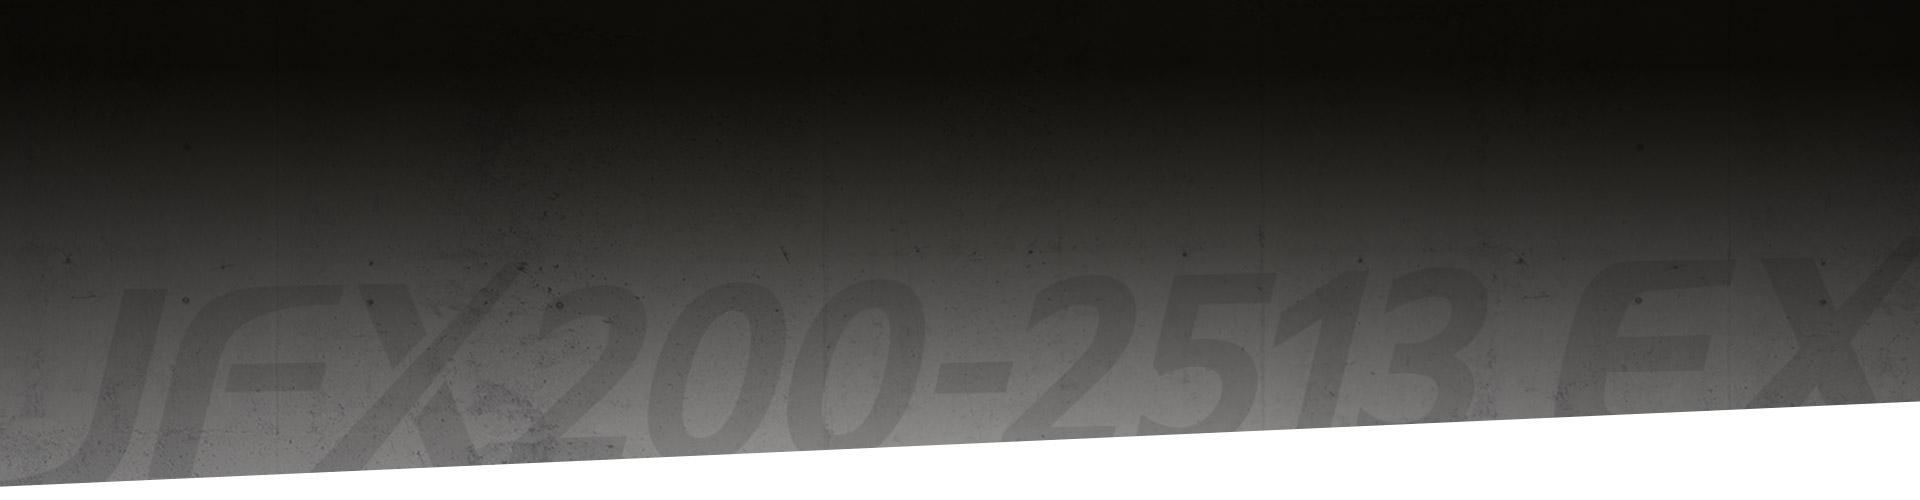 header-back-jfx200ex